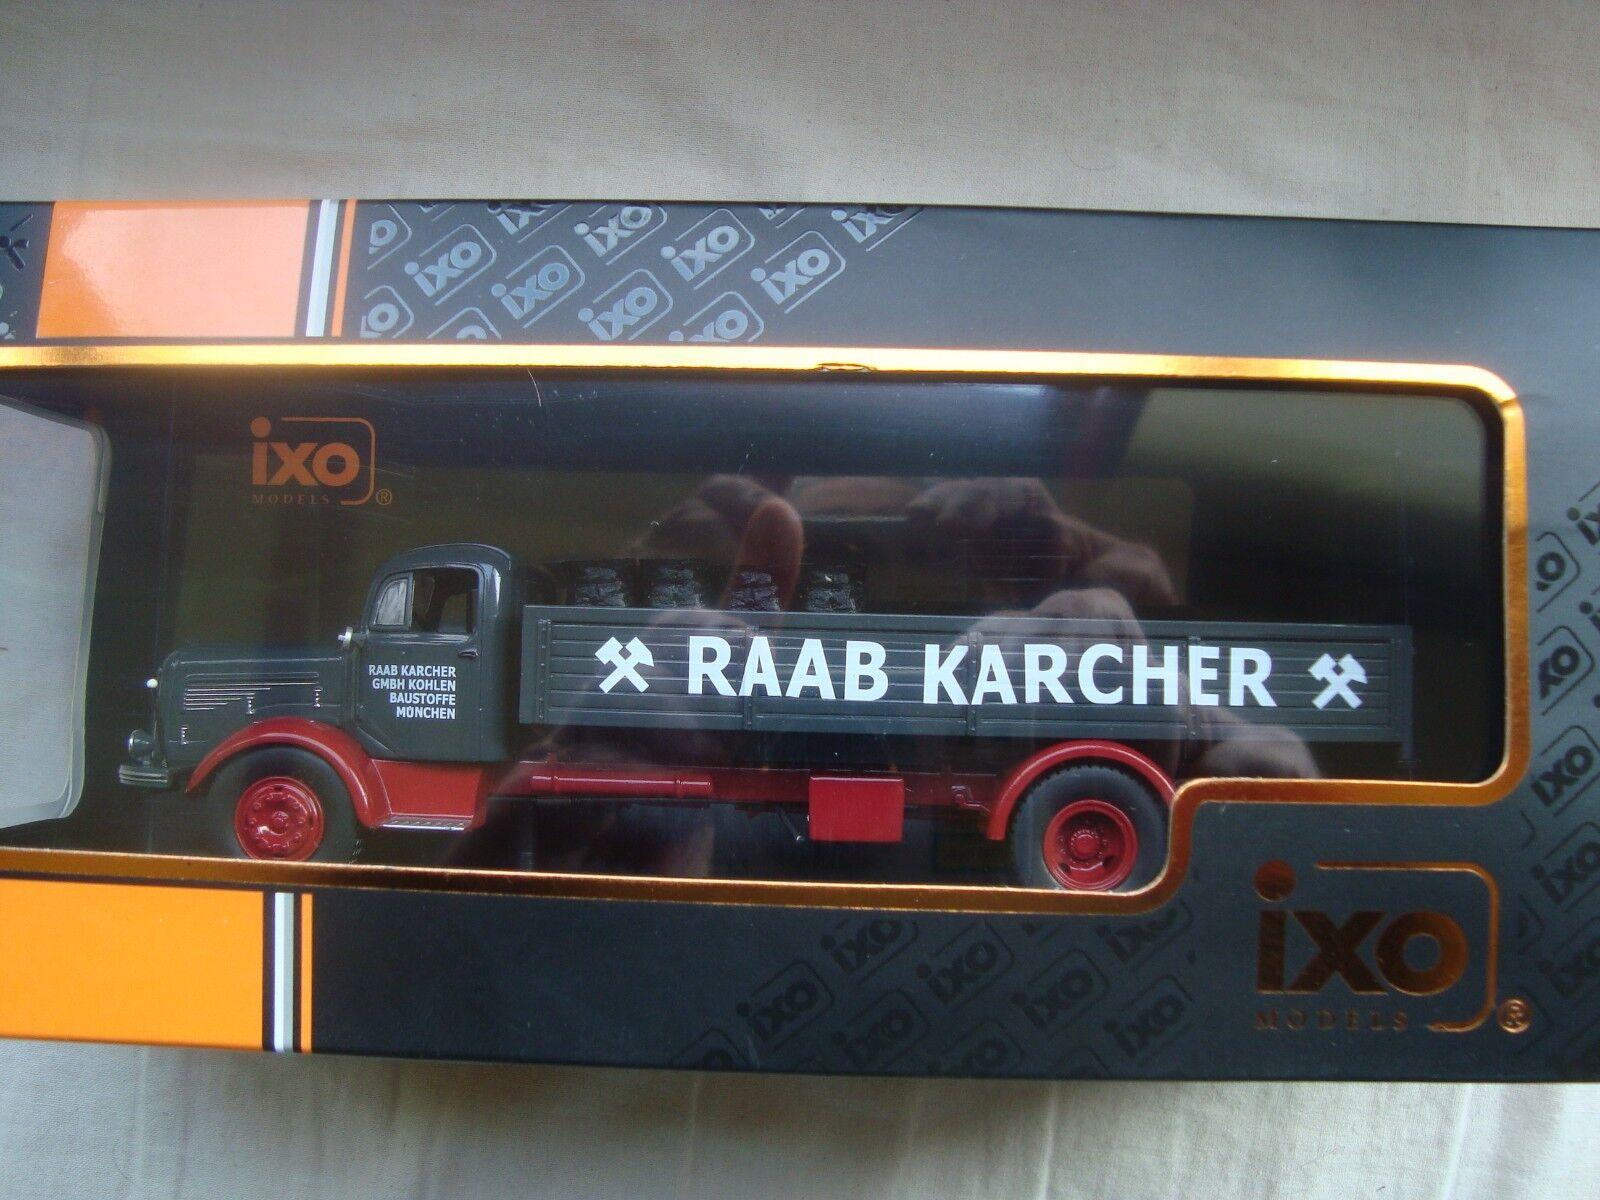 CAMION CAMION CAMION MERCEDES BENZ L-325 Raab Karcher avec cargaison CHARBON  1:43 Ixo TRU029   L'exportation  c76c58